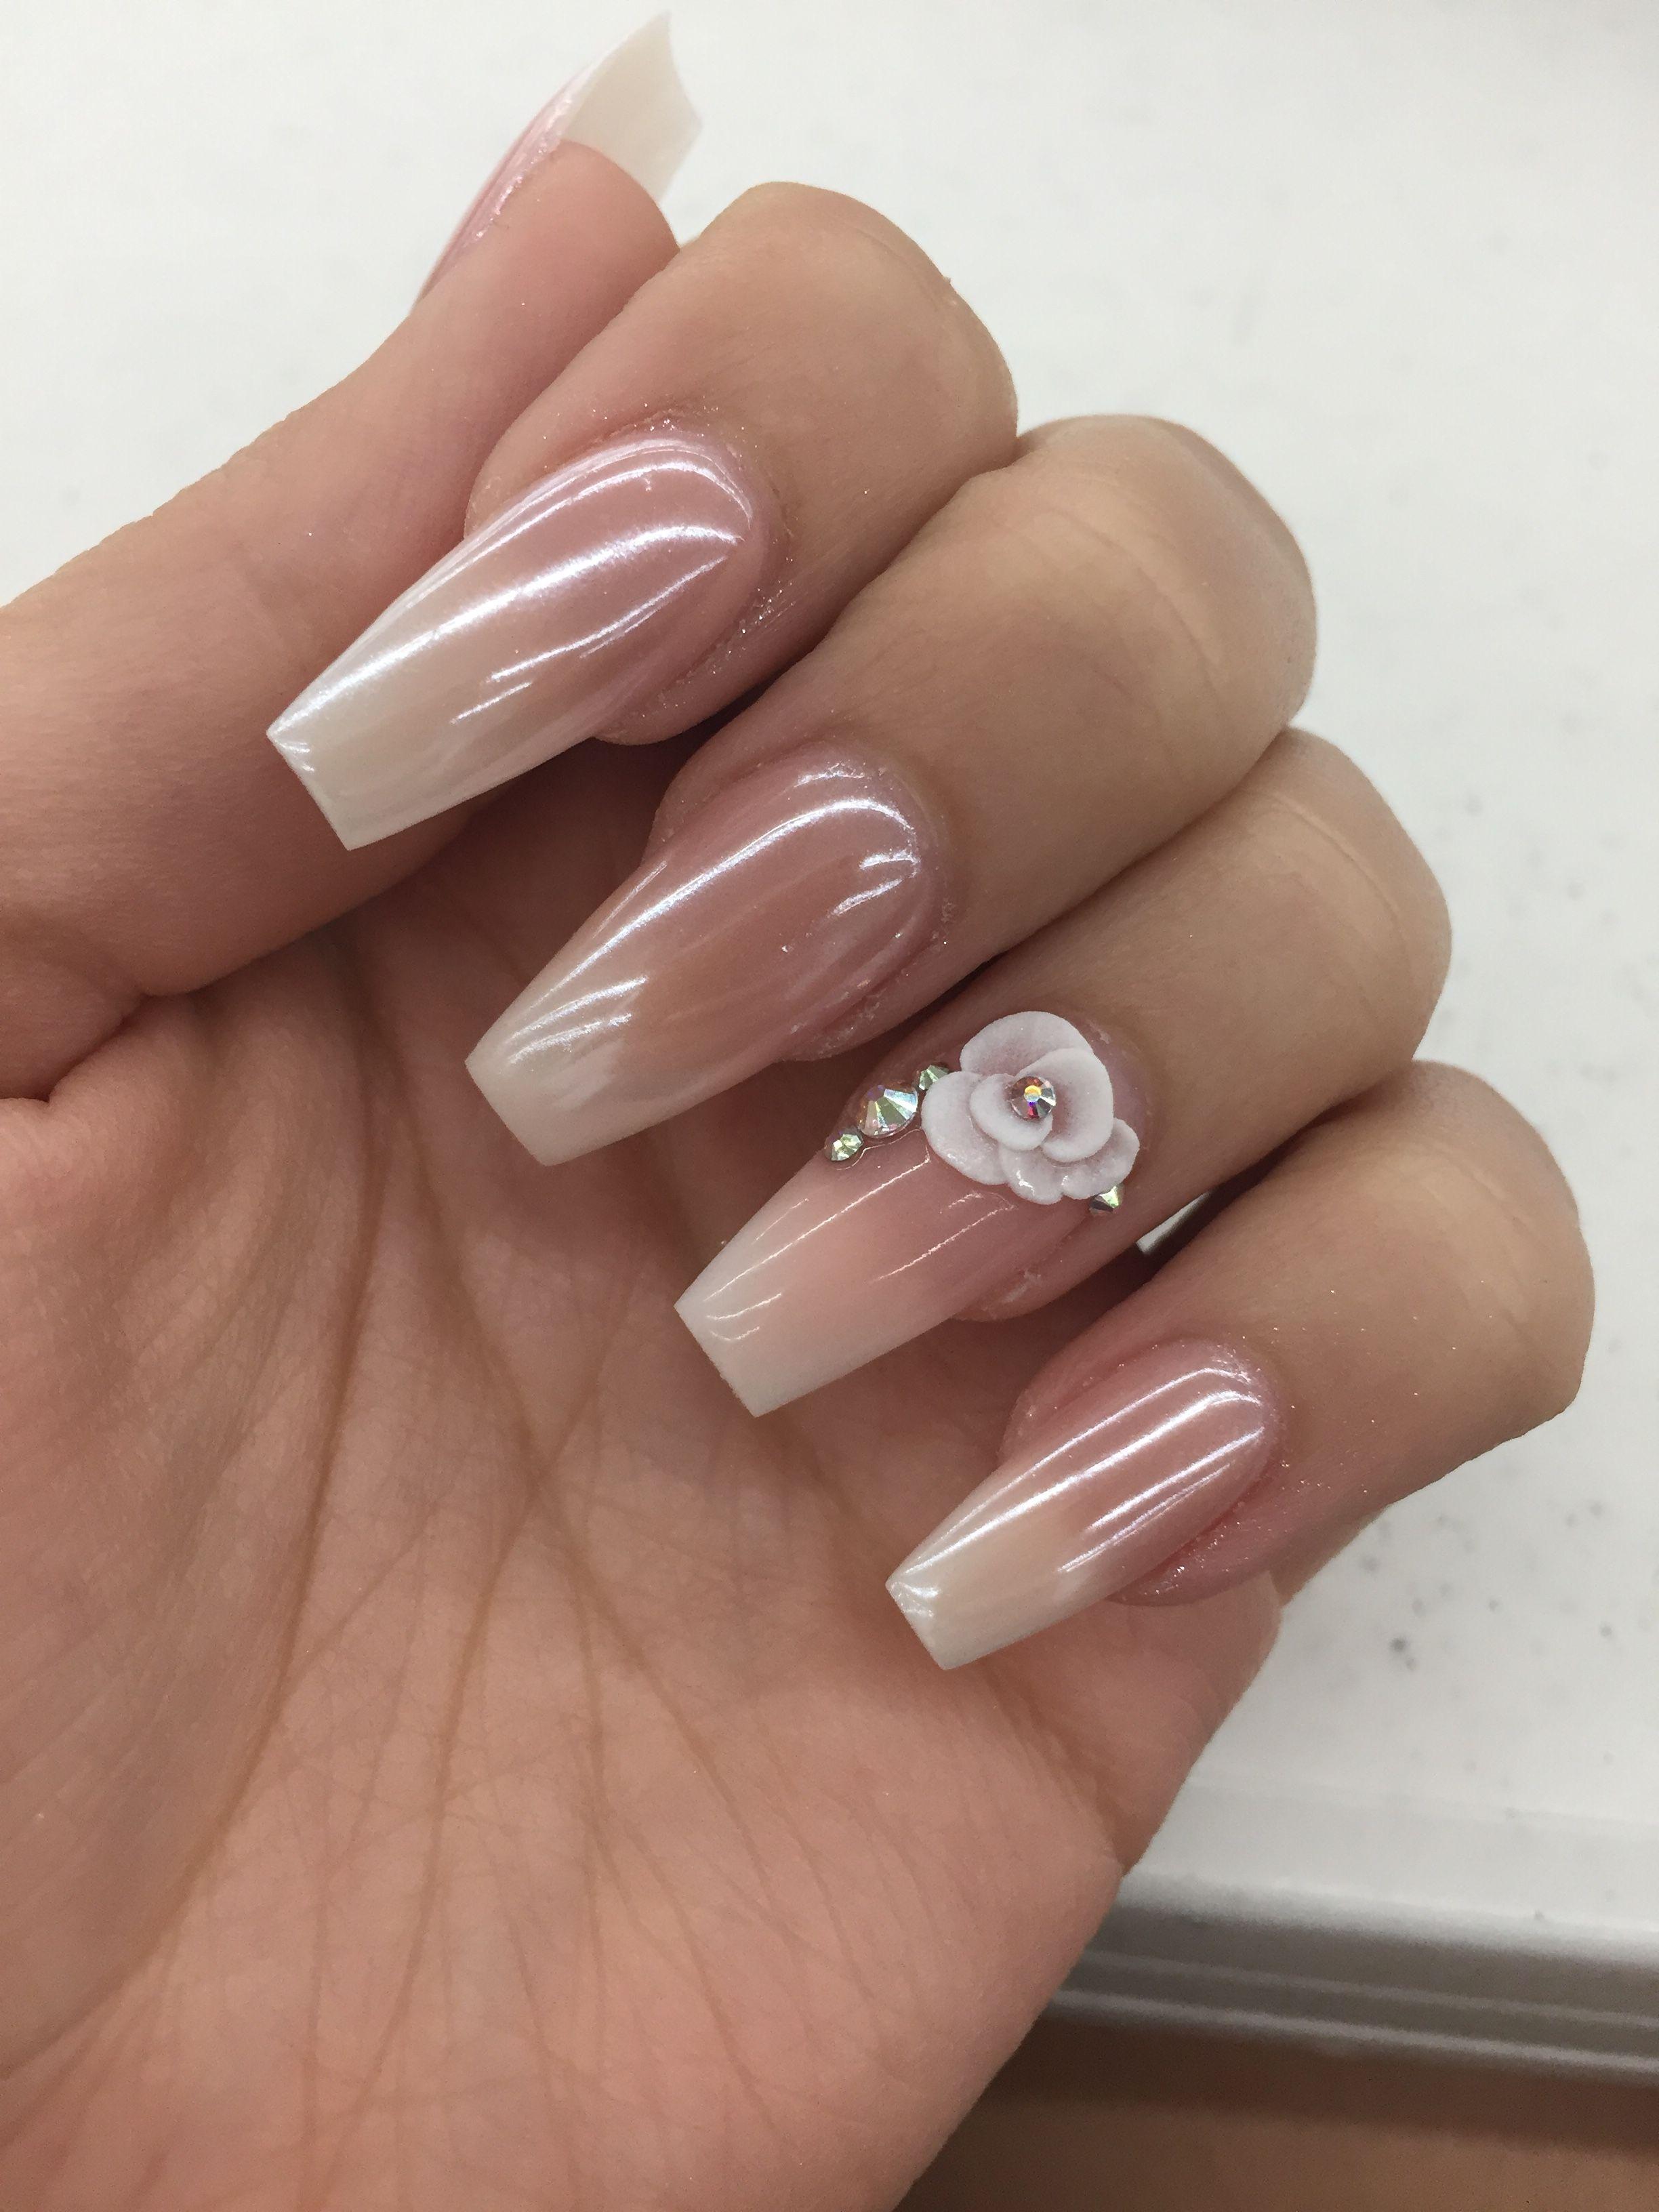 Pin By Riny On Nails In 2020 Nehty Napady Na Nehty Ruze